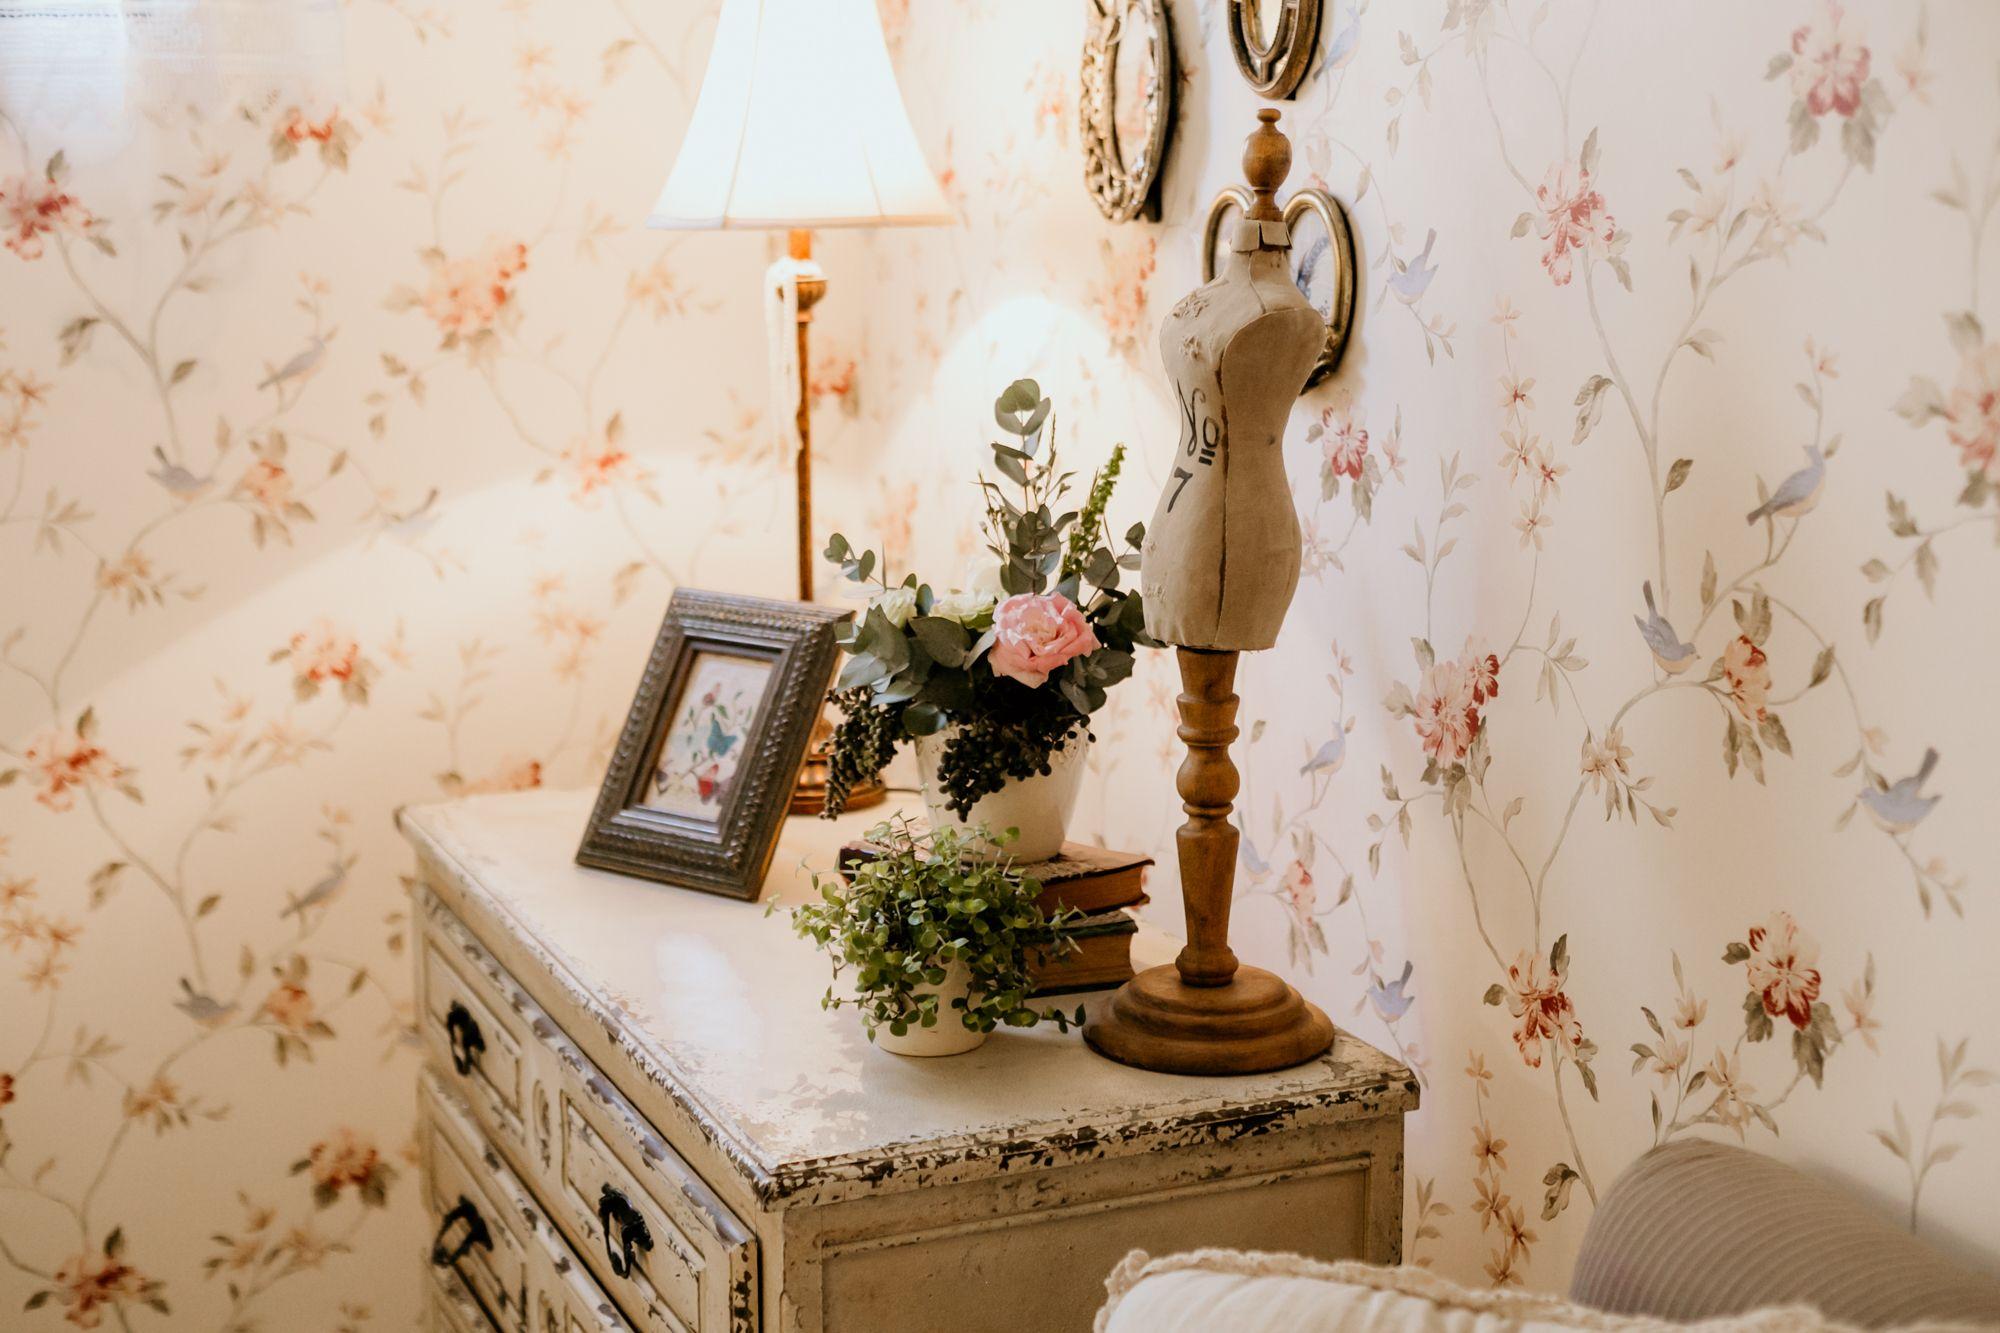 Detalhes da Sala dos Noivos, preparada para gostosos momentos de relaxamento e descanso. ⠀ Antes ou durante a festa, este ambiente está prontinho para que o casal possa respirar fundo e seguir feliz da vida! ⠀ #RomanticWedding #GrupoQuintal #EspaçoDeCasamento #Wedding #casamento #CasamentoRomantico #Casar#WeddingInspiration #EspacoParaEventos #CasarEmSP #WeddingStyle #WeddingIdeas #Classy #ClassicWedding #RomanticDecor #ClassicDecor #ClassicBride #CasamentoNoChale #CasamentoNoChaleQuintal #Casam